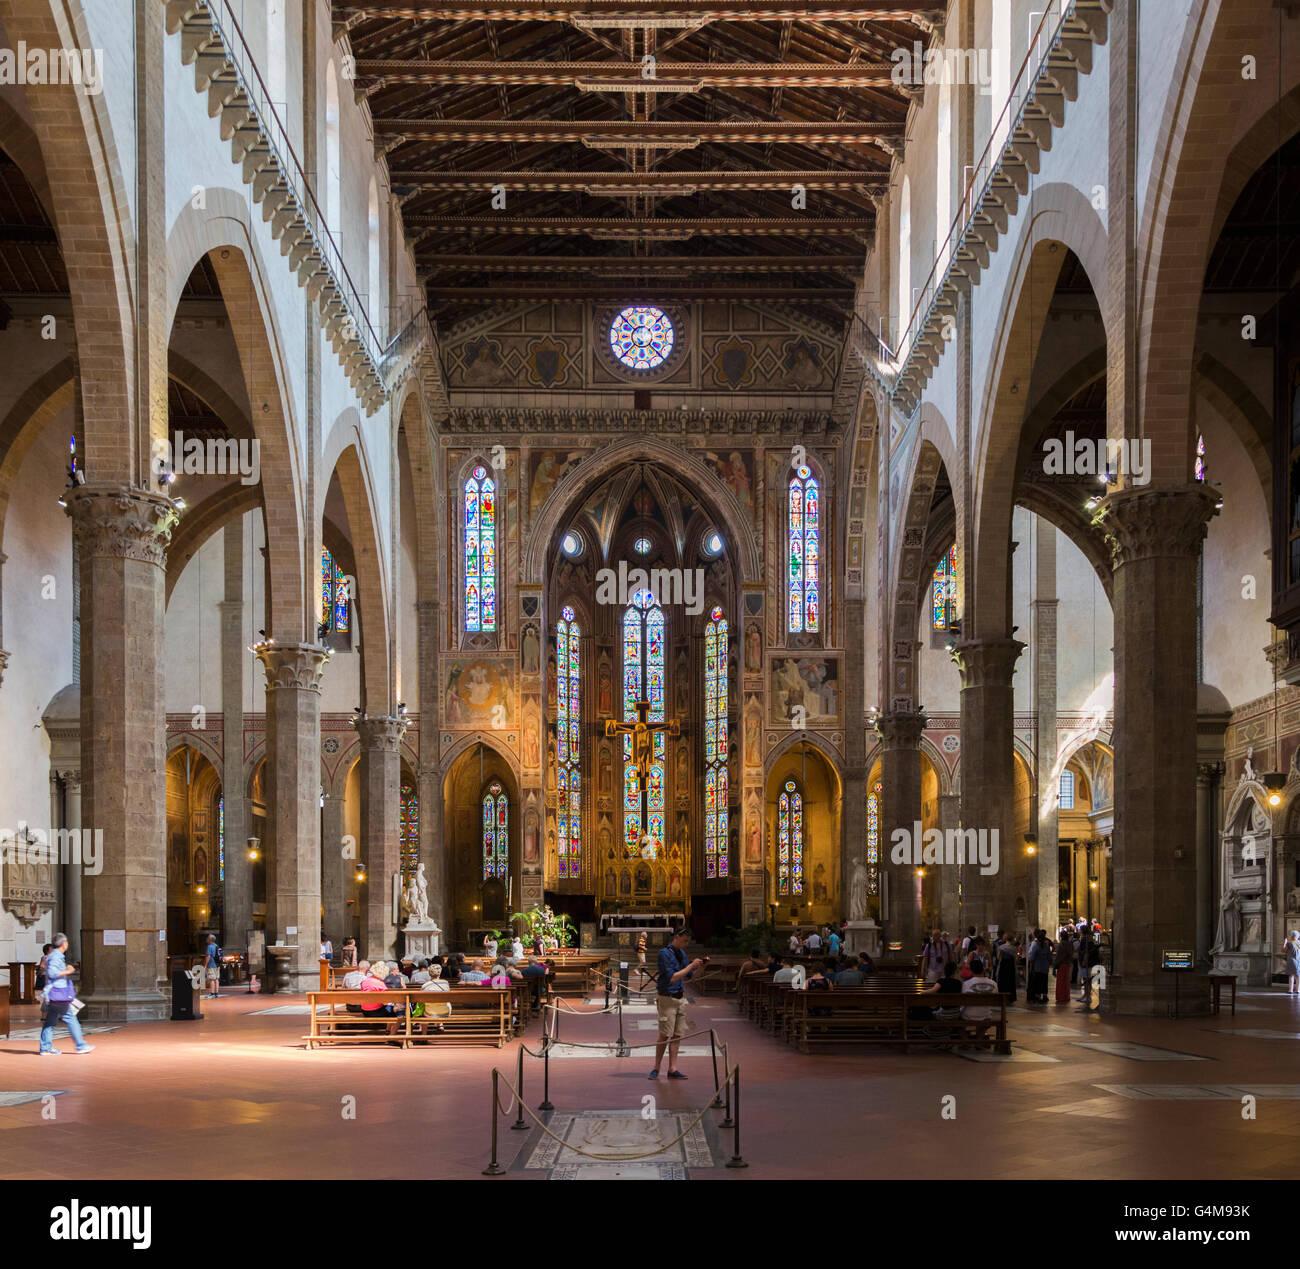 Florence, Toscane, Italie. La Basilique Santa Croce. Avis sur la longueur de la nef à l'autel. Photo Stock